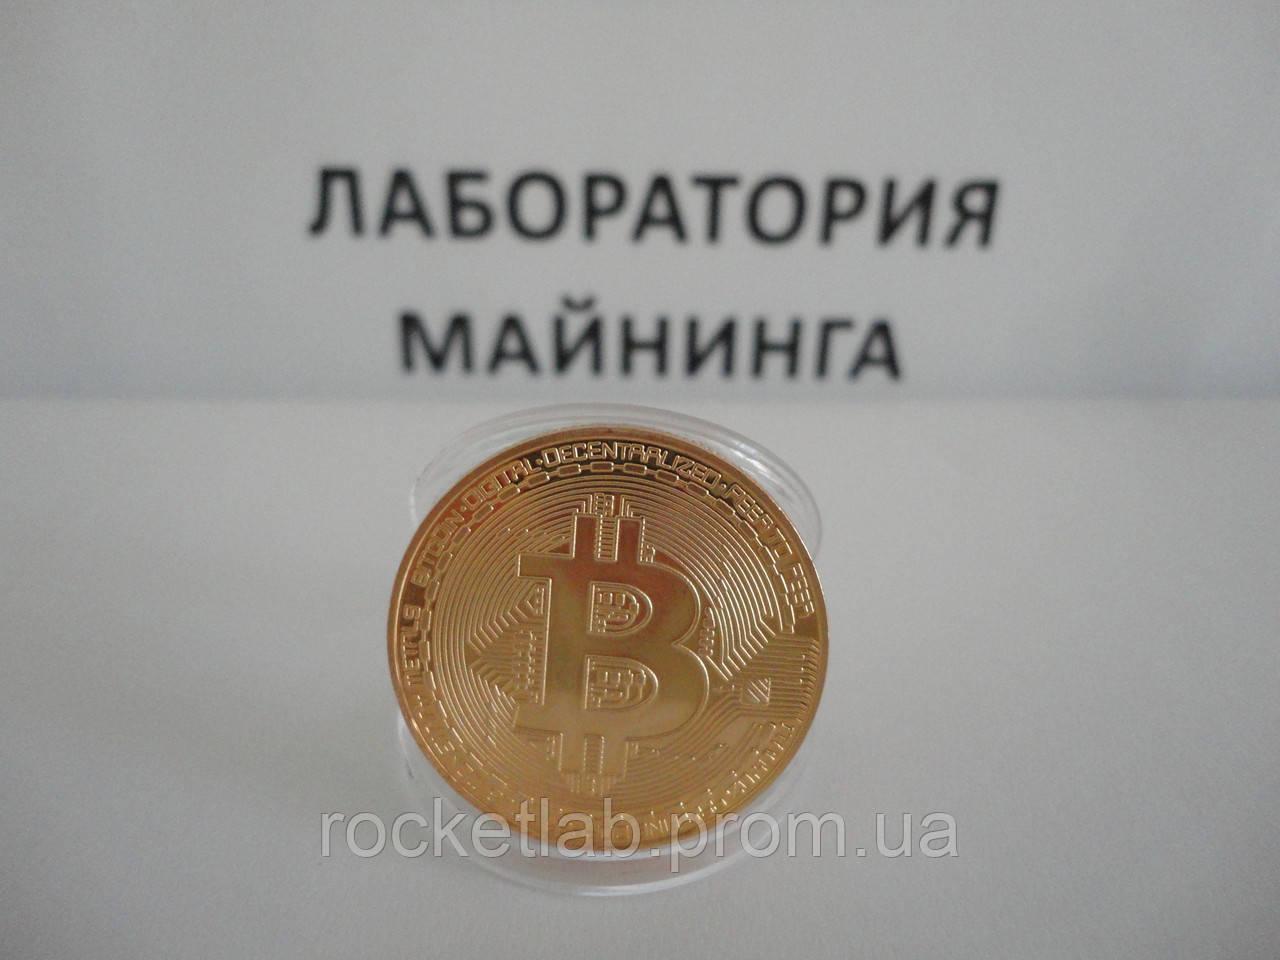 Обмен биткоин харьков как не проиграть на рынке форекс